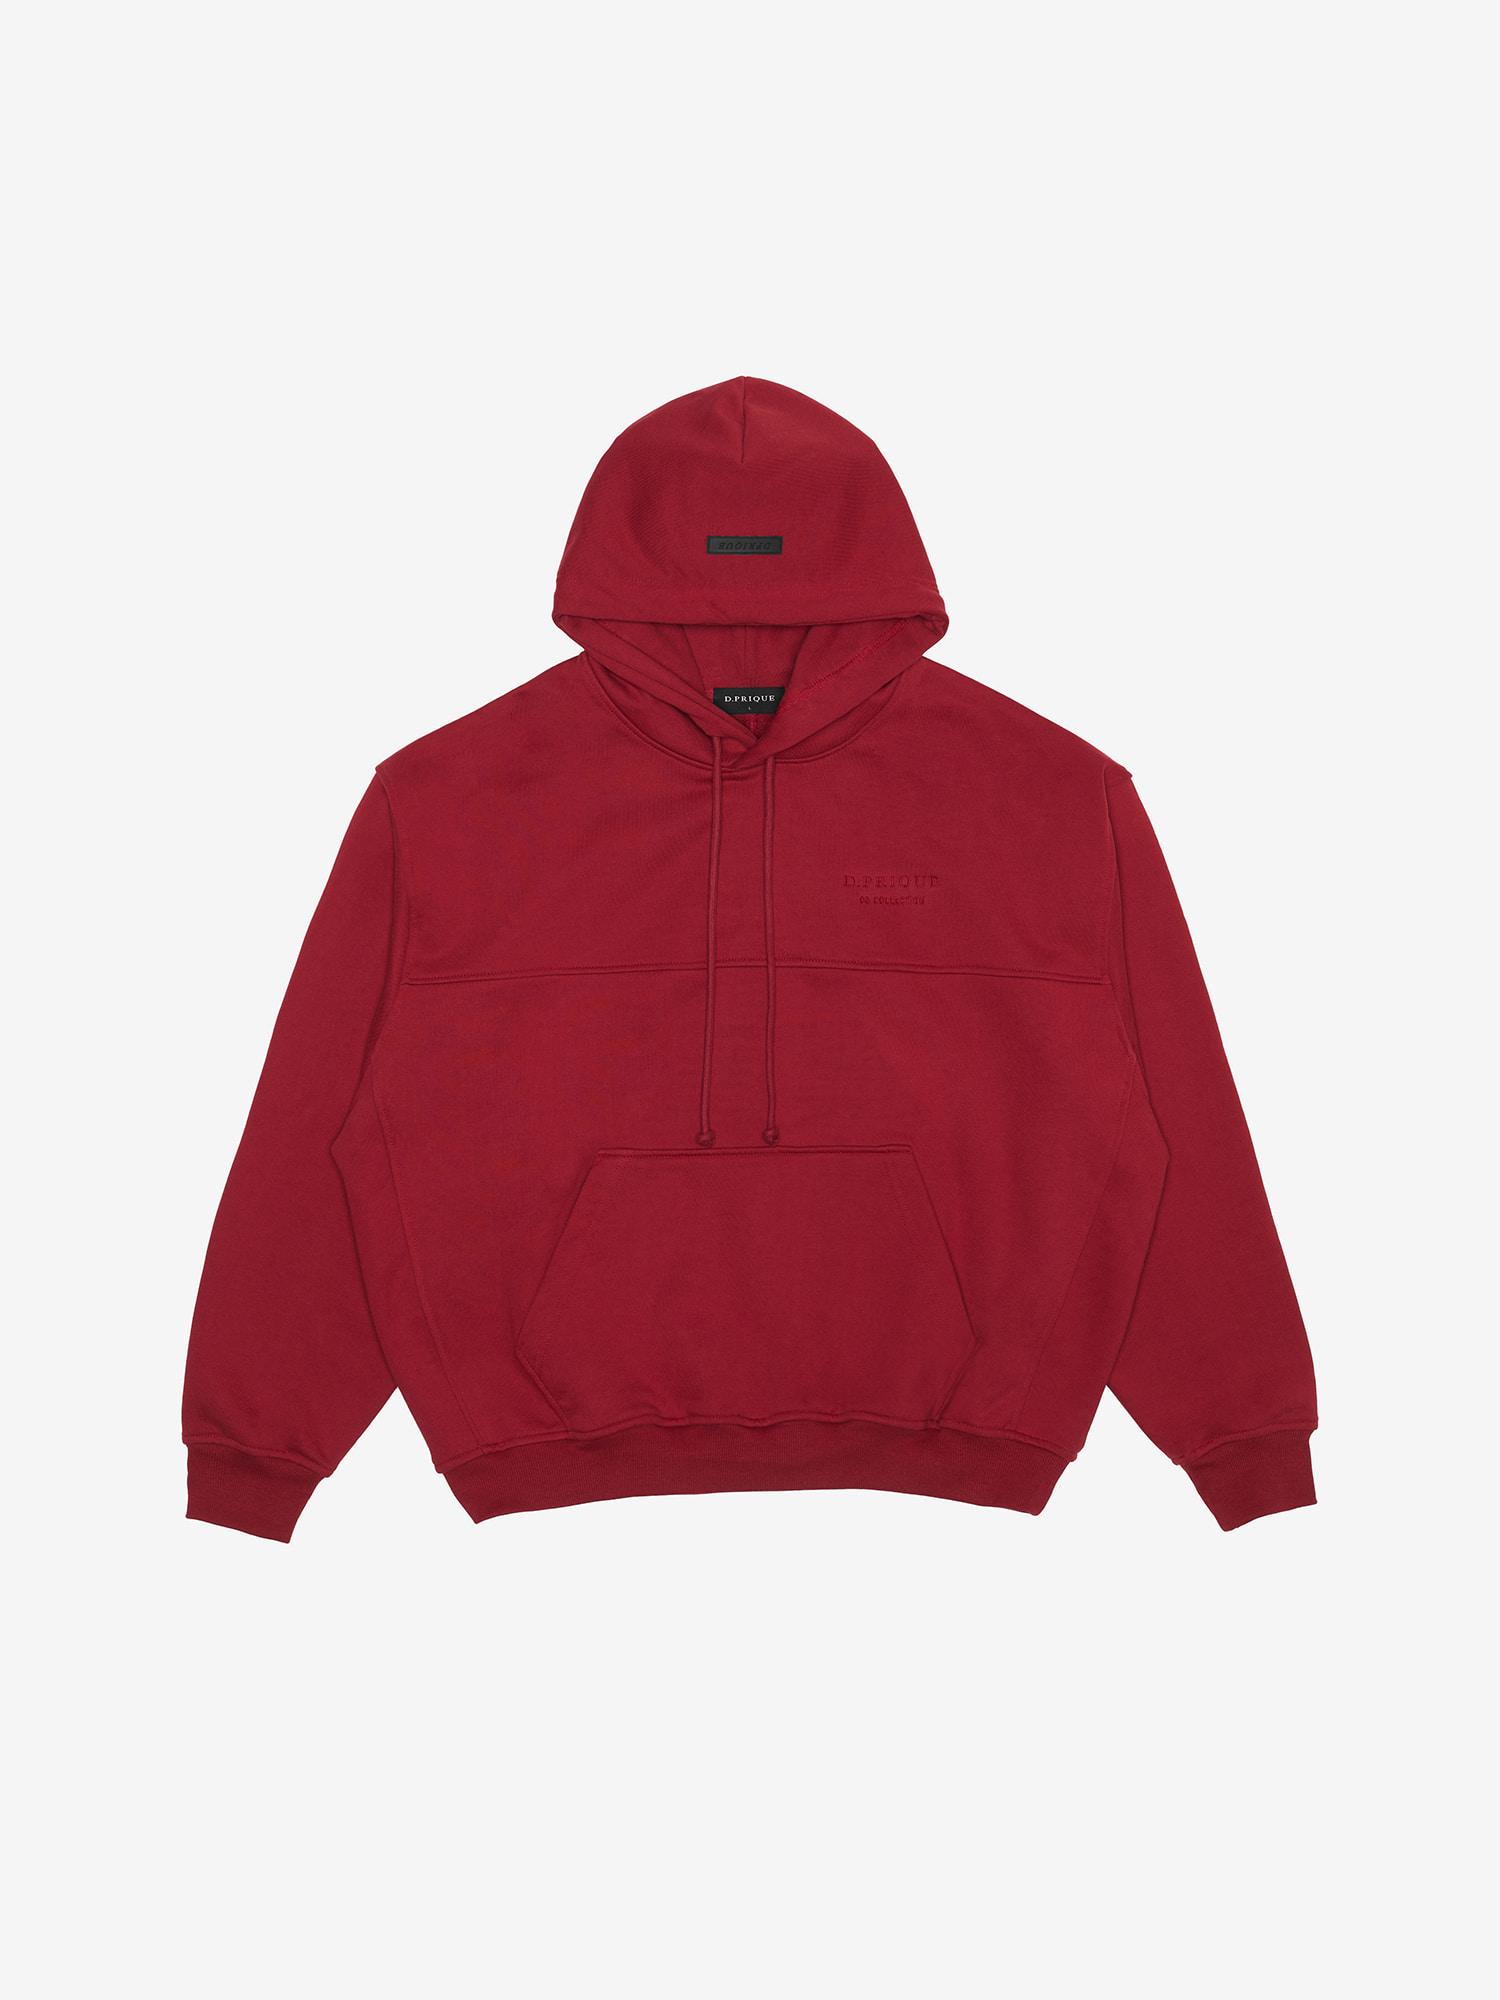 06 Oversized Hoodie - Deep Red